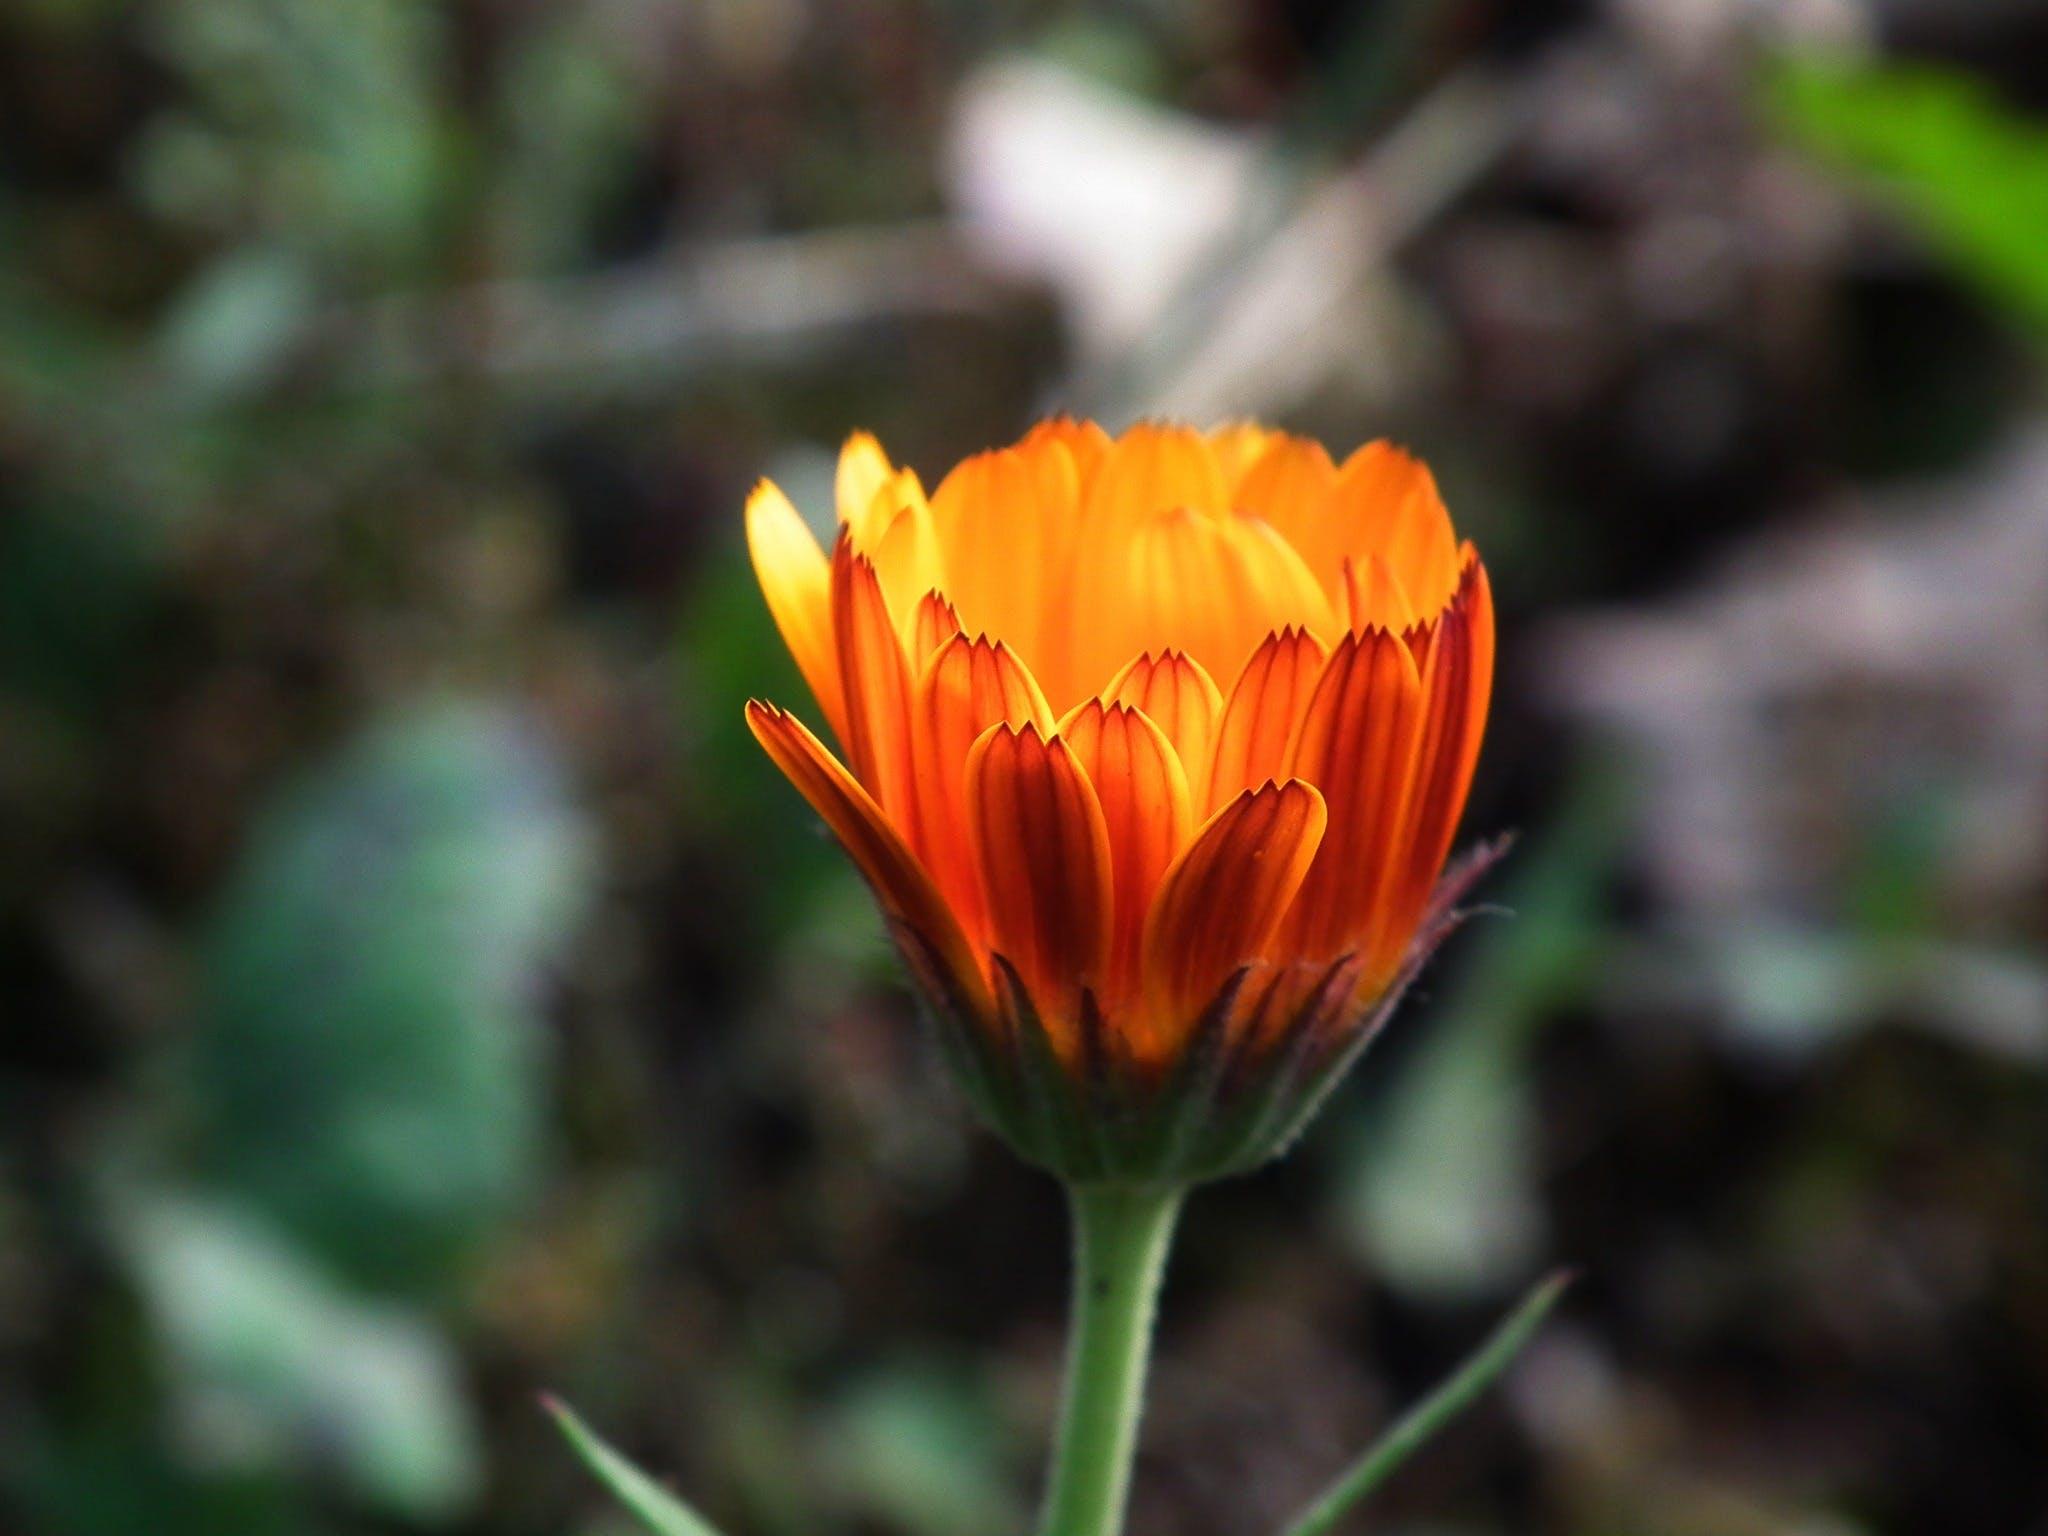 bahçe çiçeği, çiçek, Çiçek açmak, gerbera içeren Ücretsiz stok fotoğraf